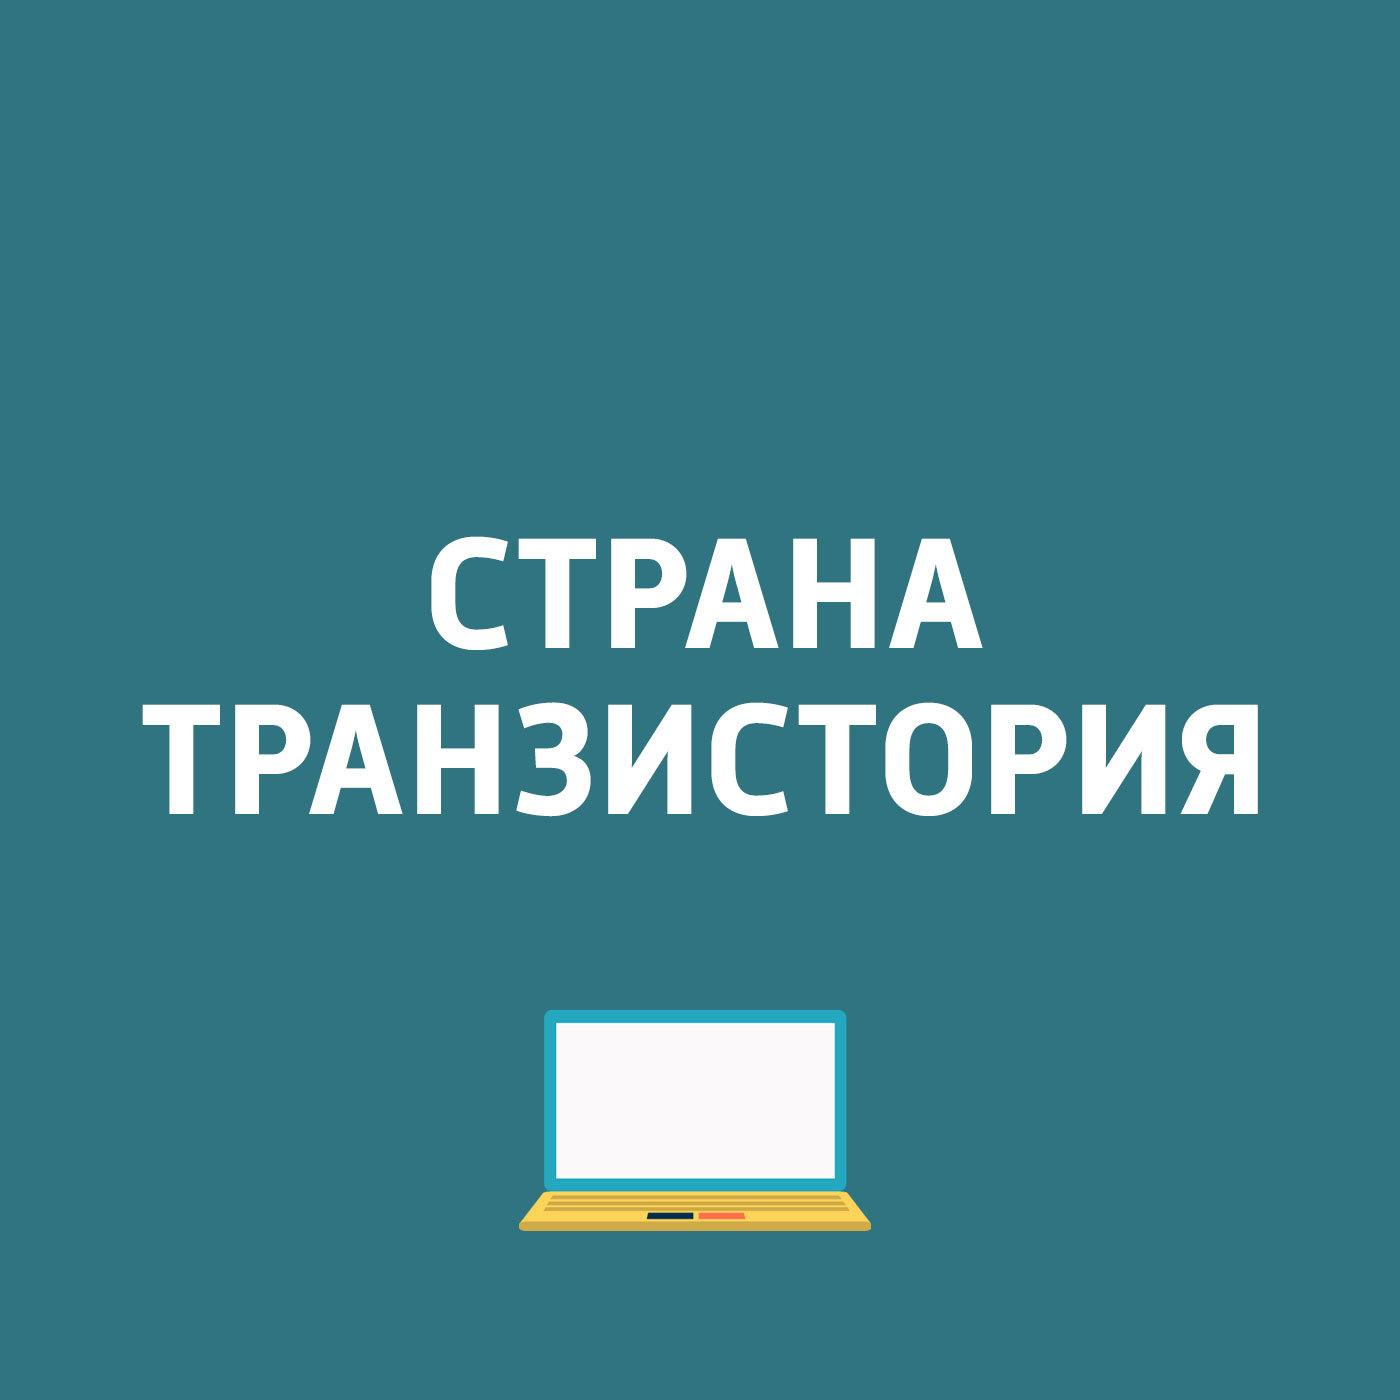 Картаев Павел В Оружейной палате Московского Кремля появился виртуальный гид картаев павел в конце сентября в москве продет очередной игромир и comic con russia